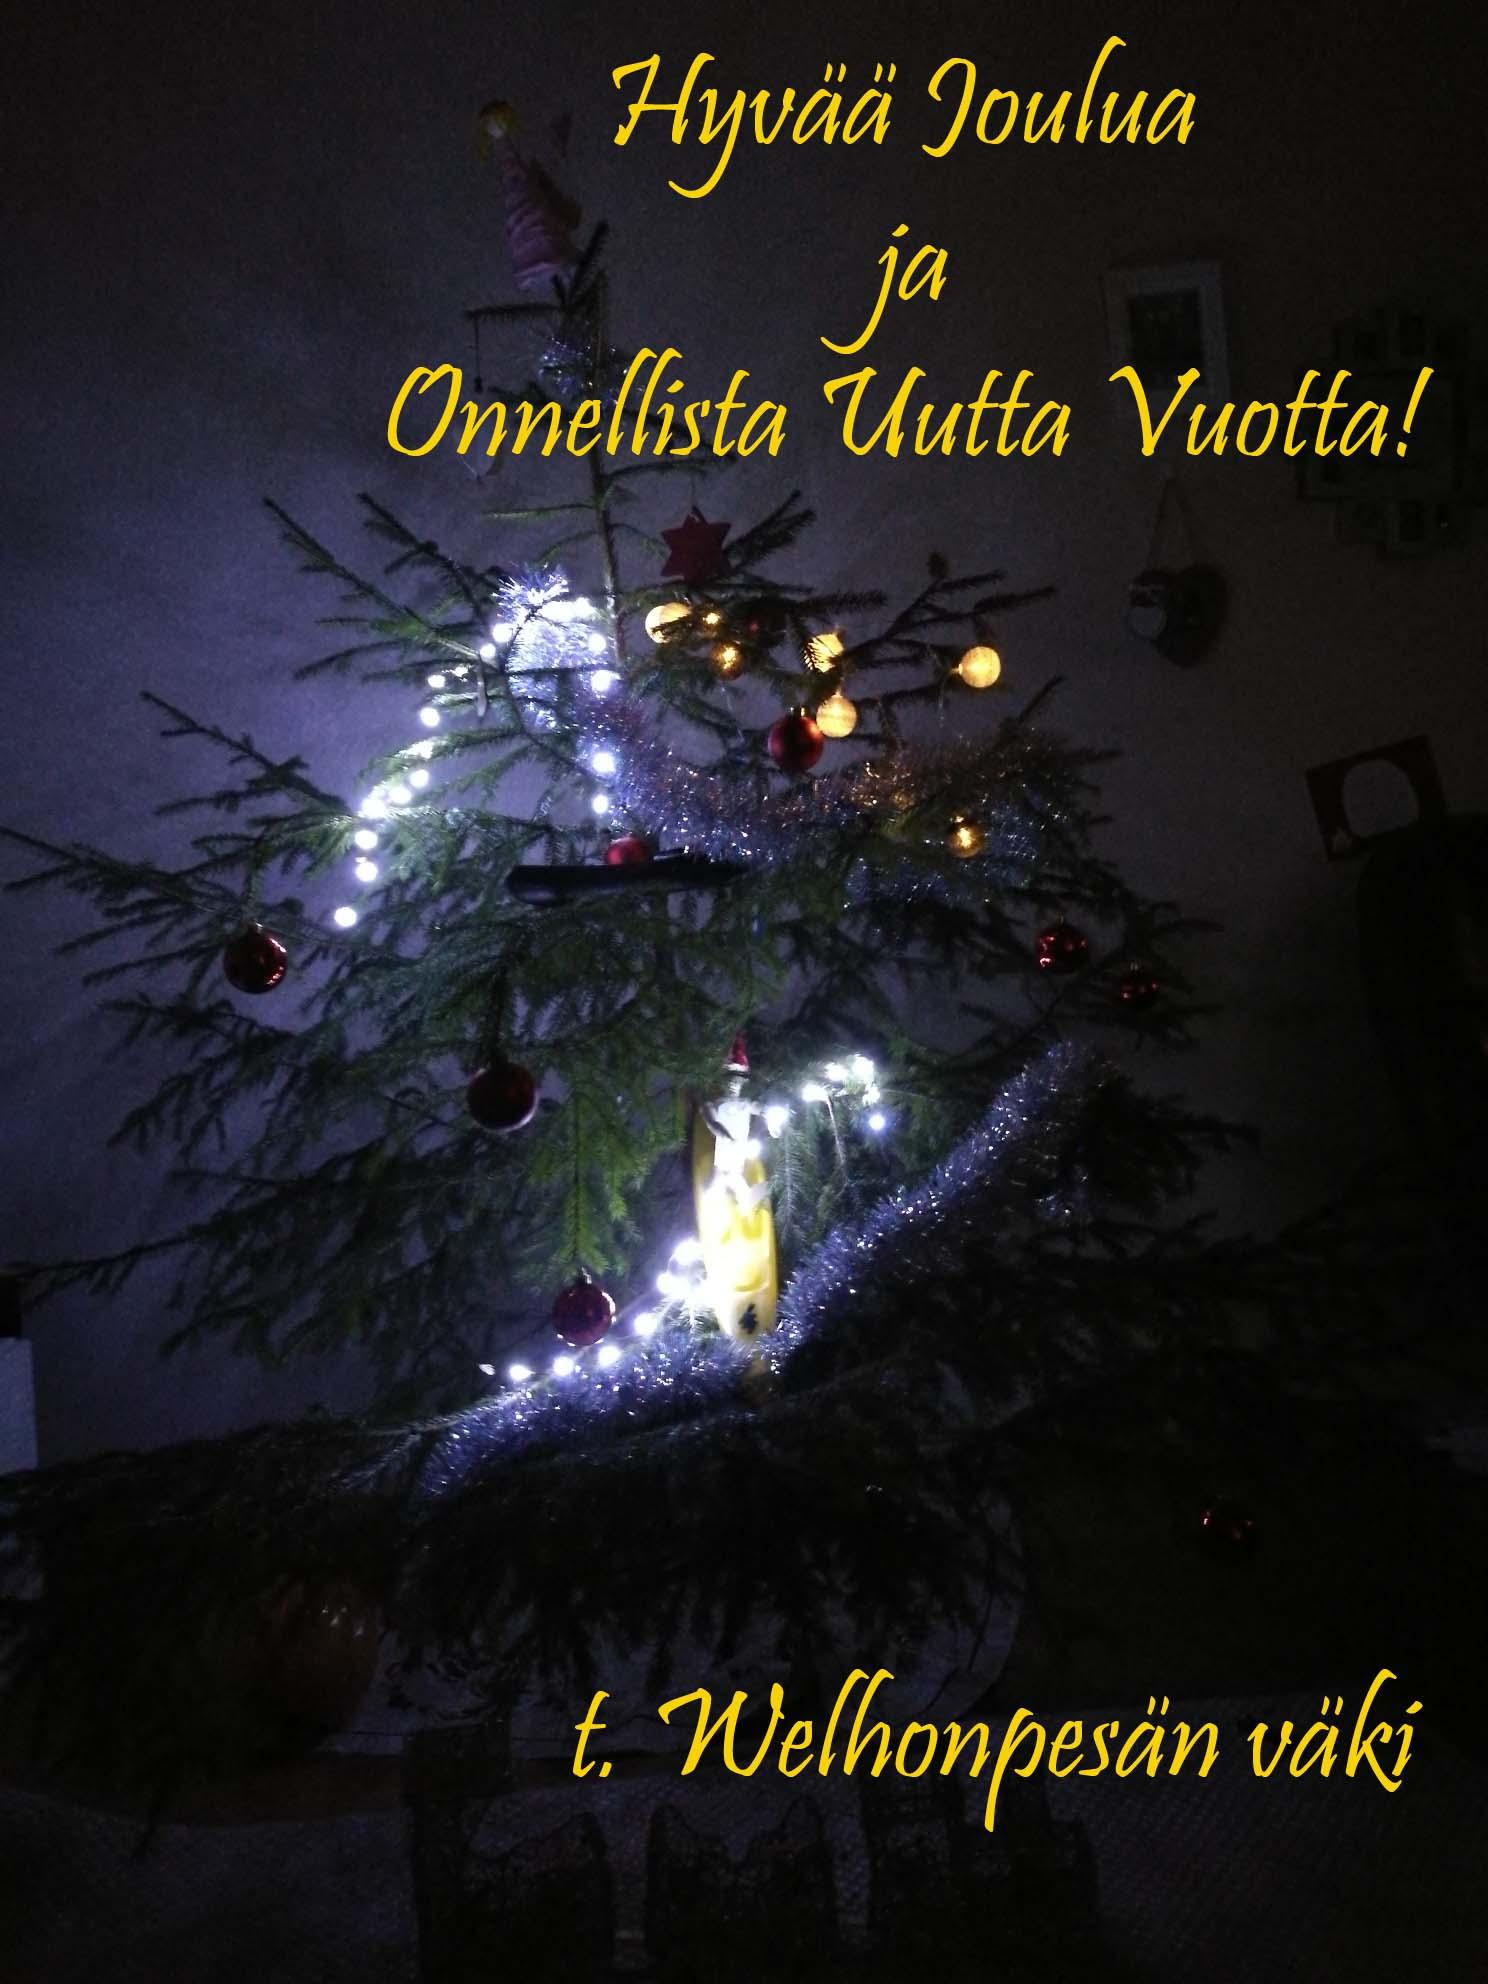 Hyvää Joulua ja melonnan iloa